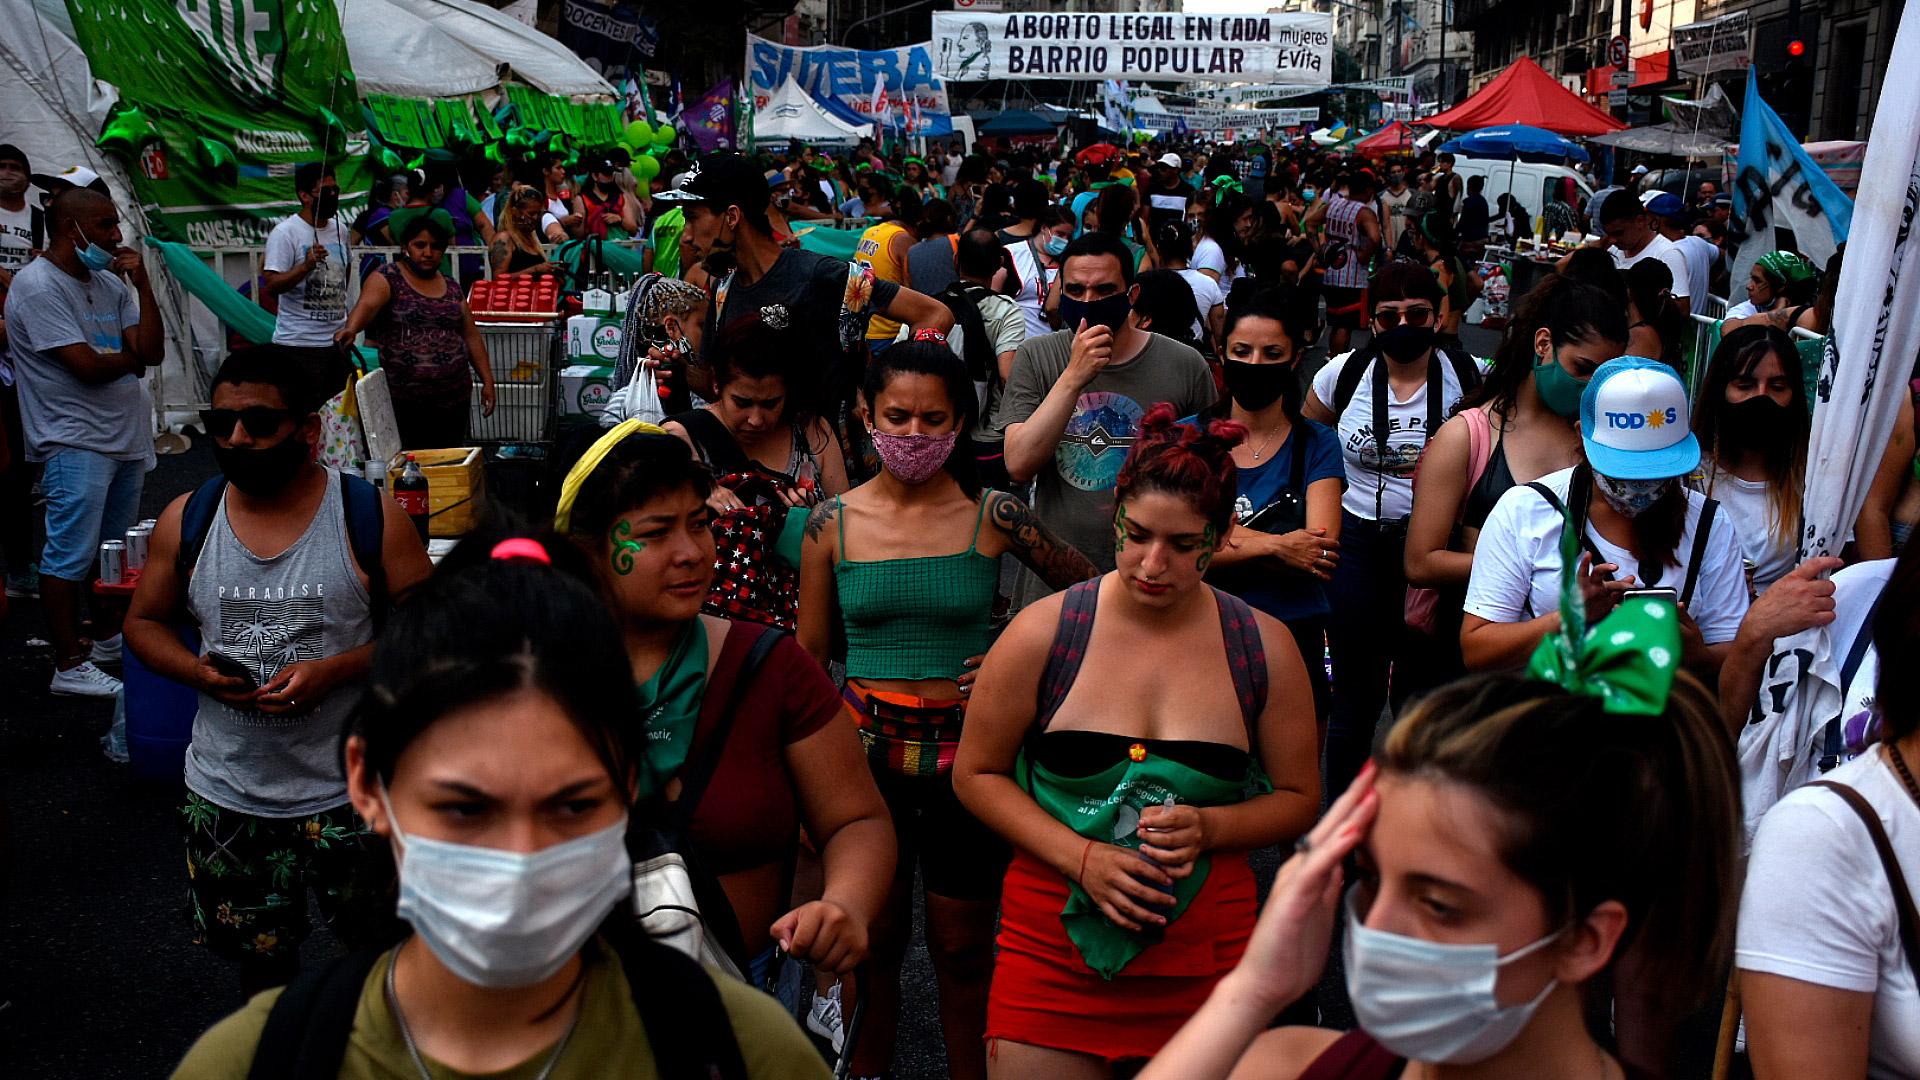 La manifestación tuvo lugar bajo un intenso calor en el centro porteño